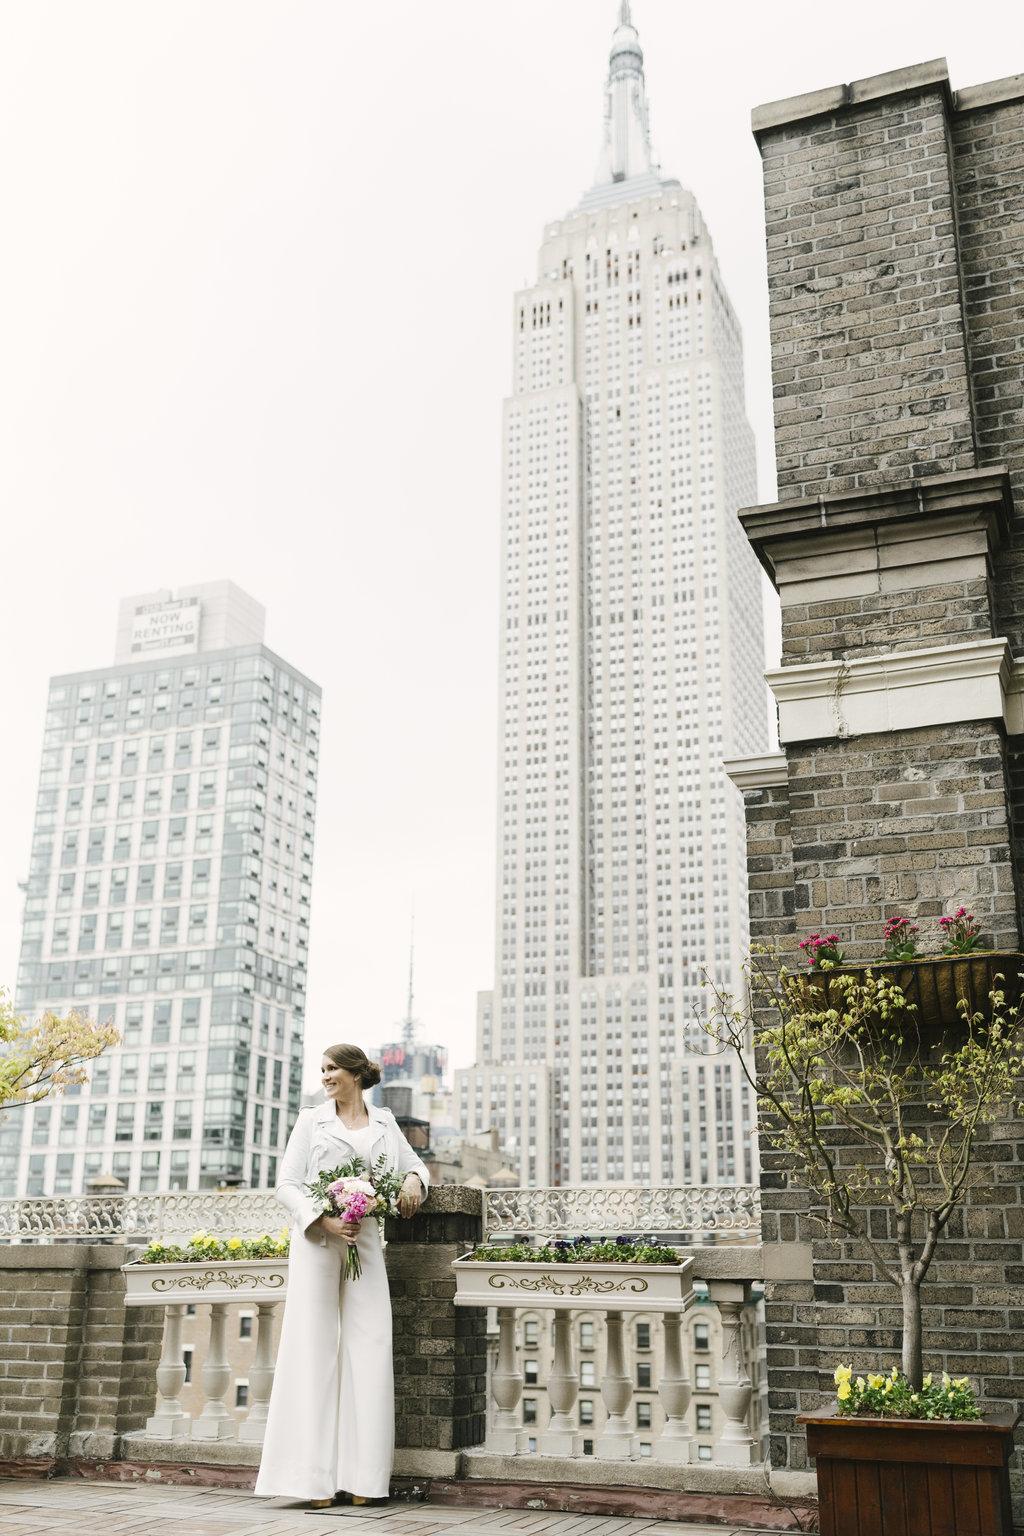 Nathalie Kraynina Bride At The Big Fake WeddingAliciaKingPhotographyBigFakeWedding201.jpg